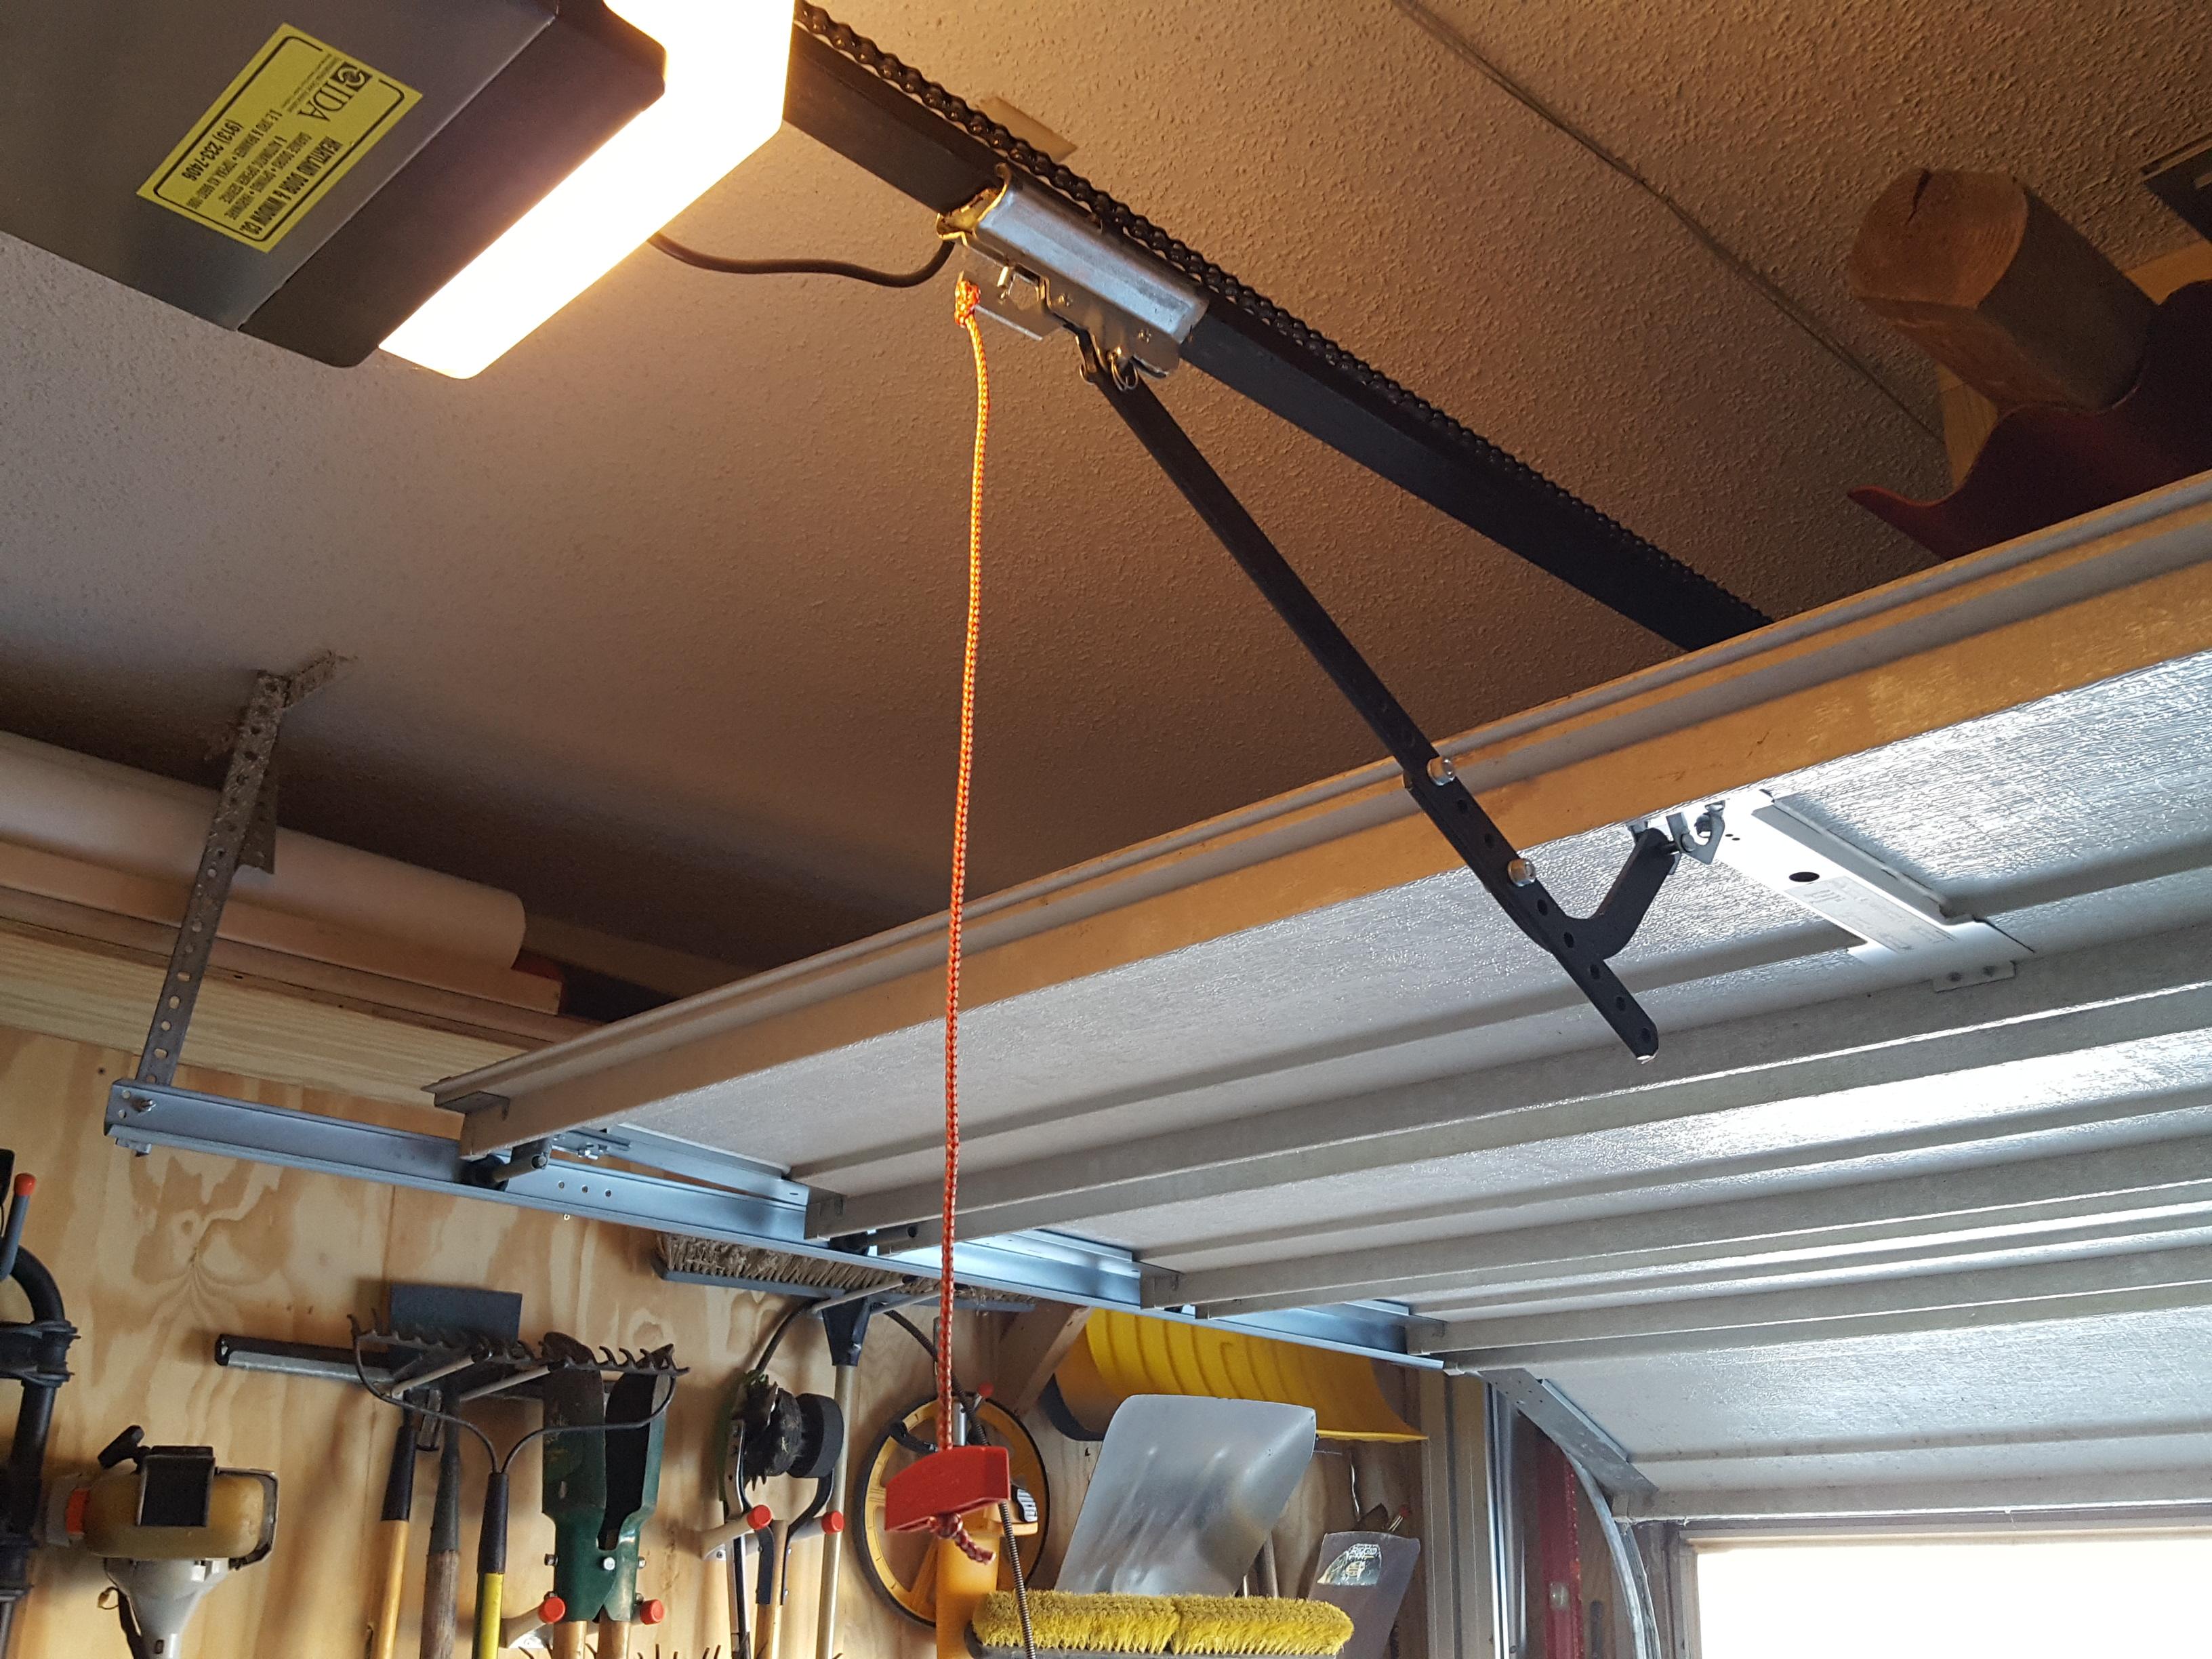 garage wiring internachi inspection forum wiring info u2022 rh datagrind co Vehicle Inspection Garages PA State Inspection Requirements Garage